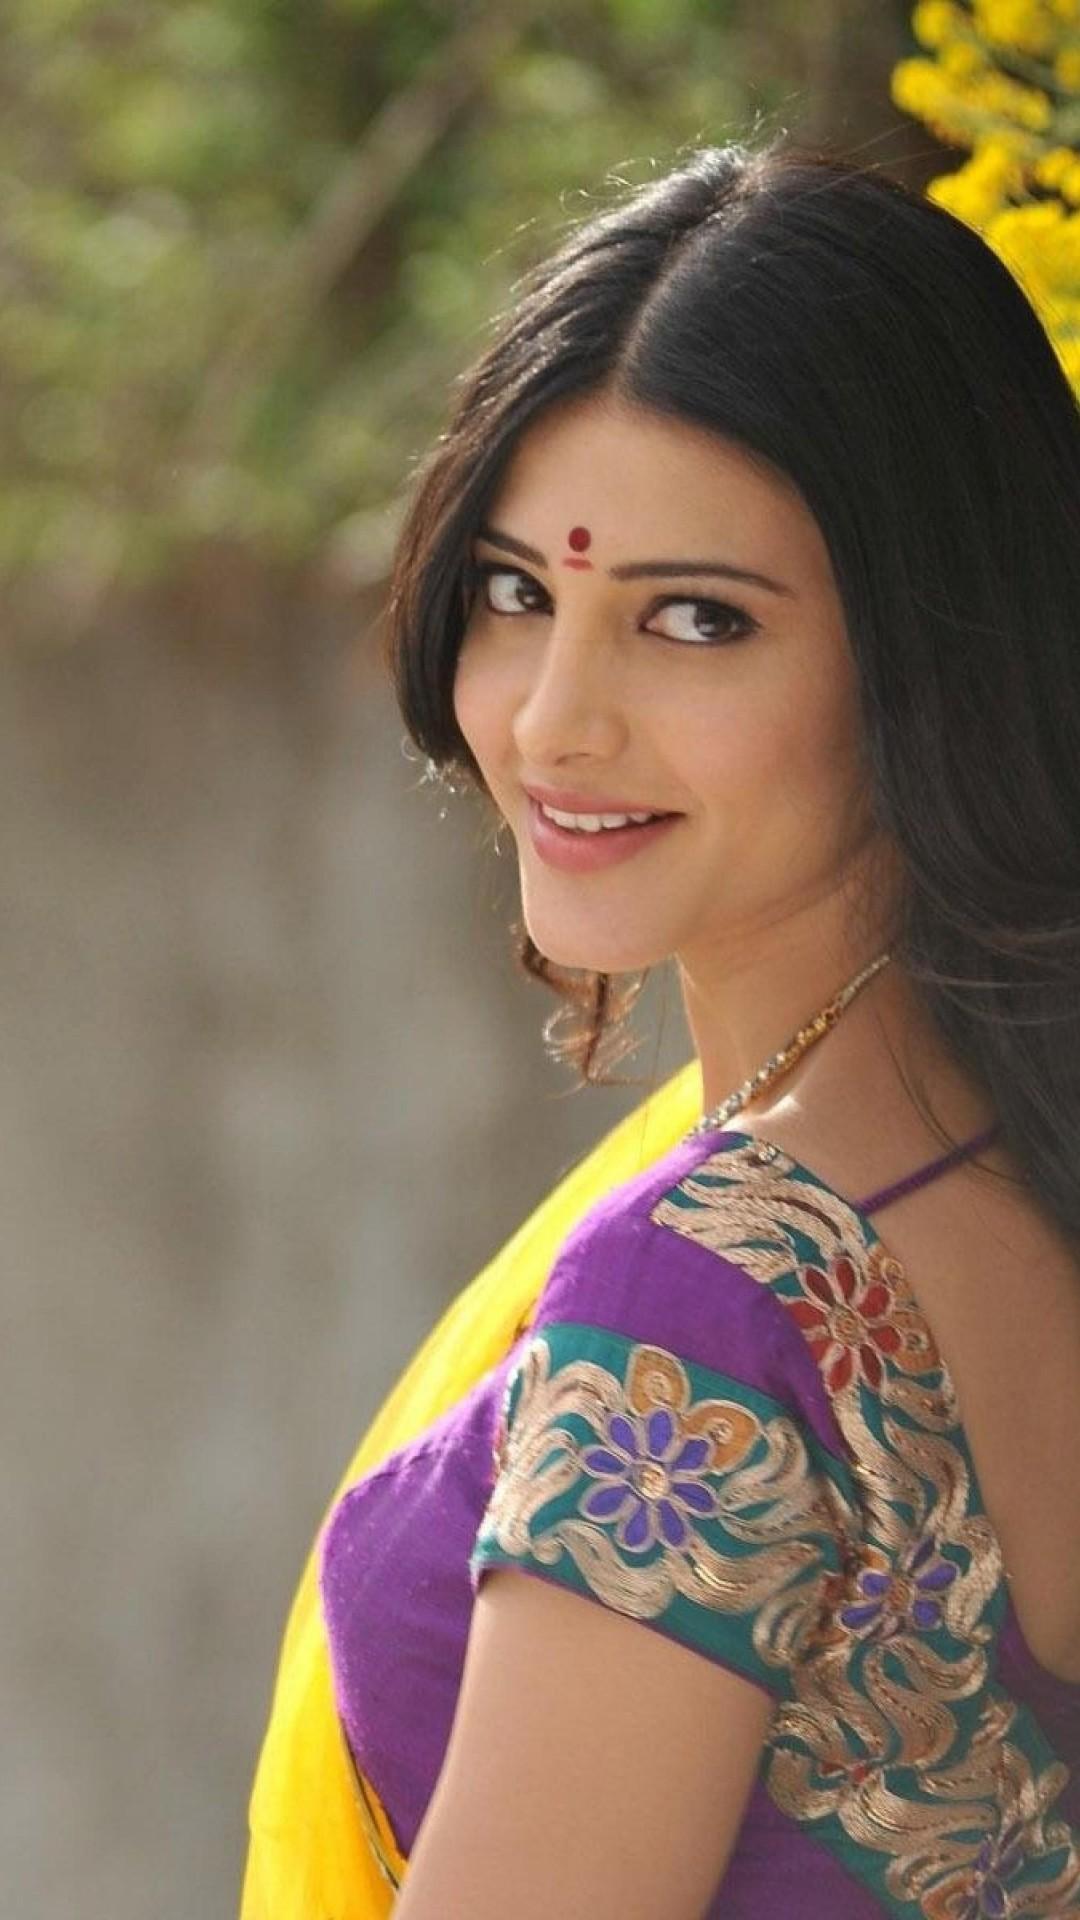 Wallpaper Shruti Haasan Beauty Bollywood 5k